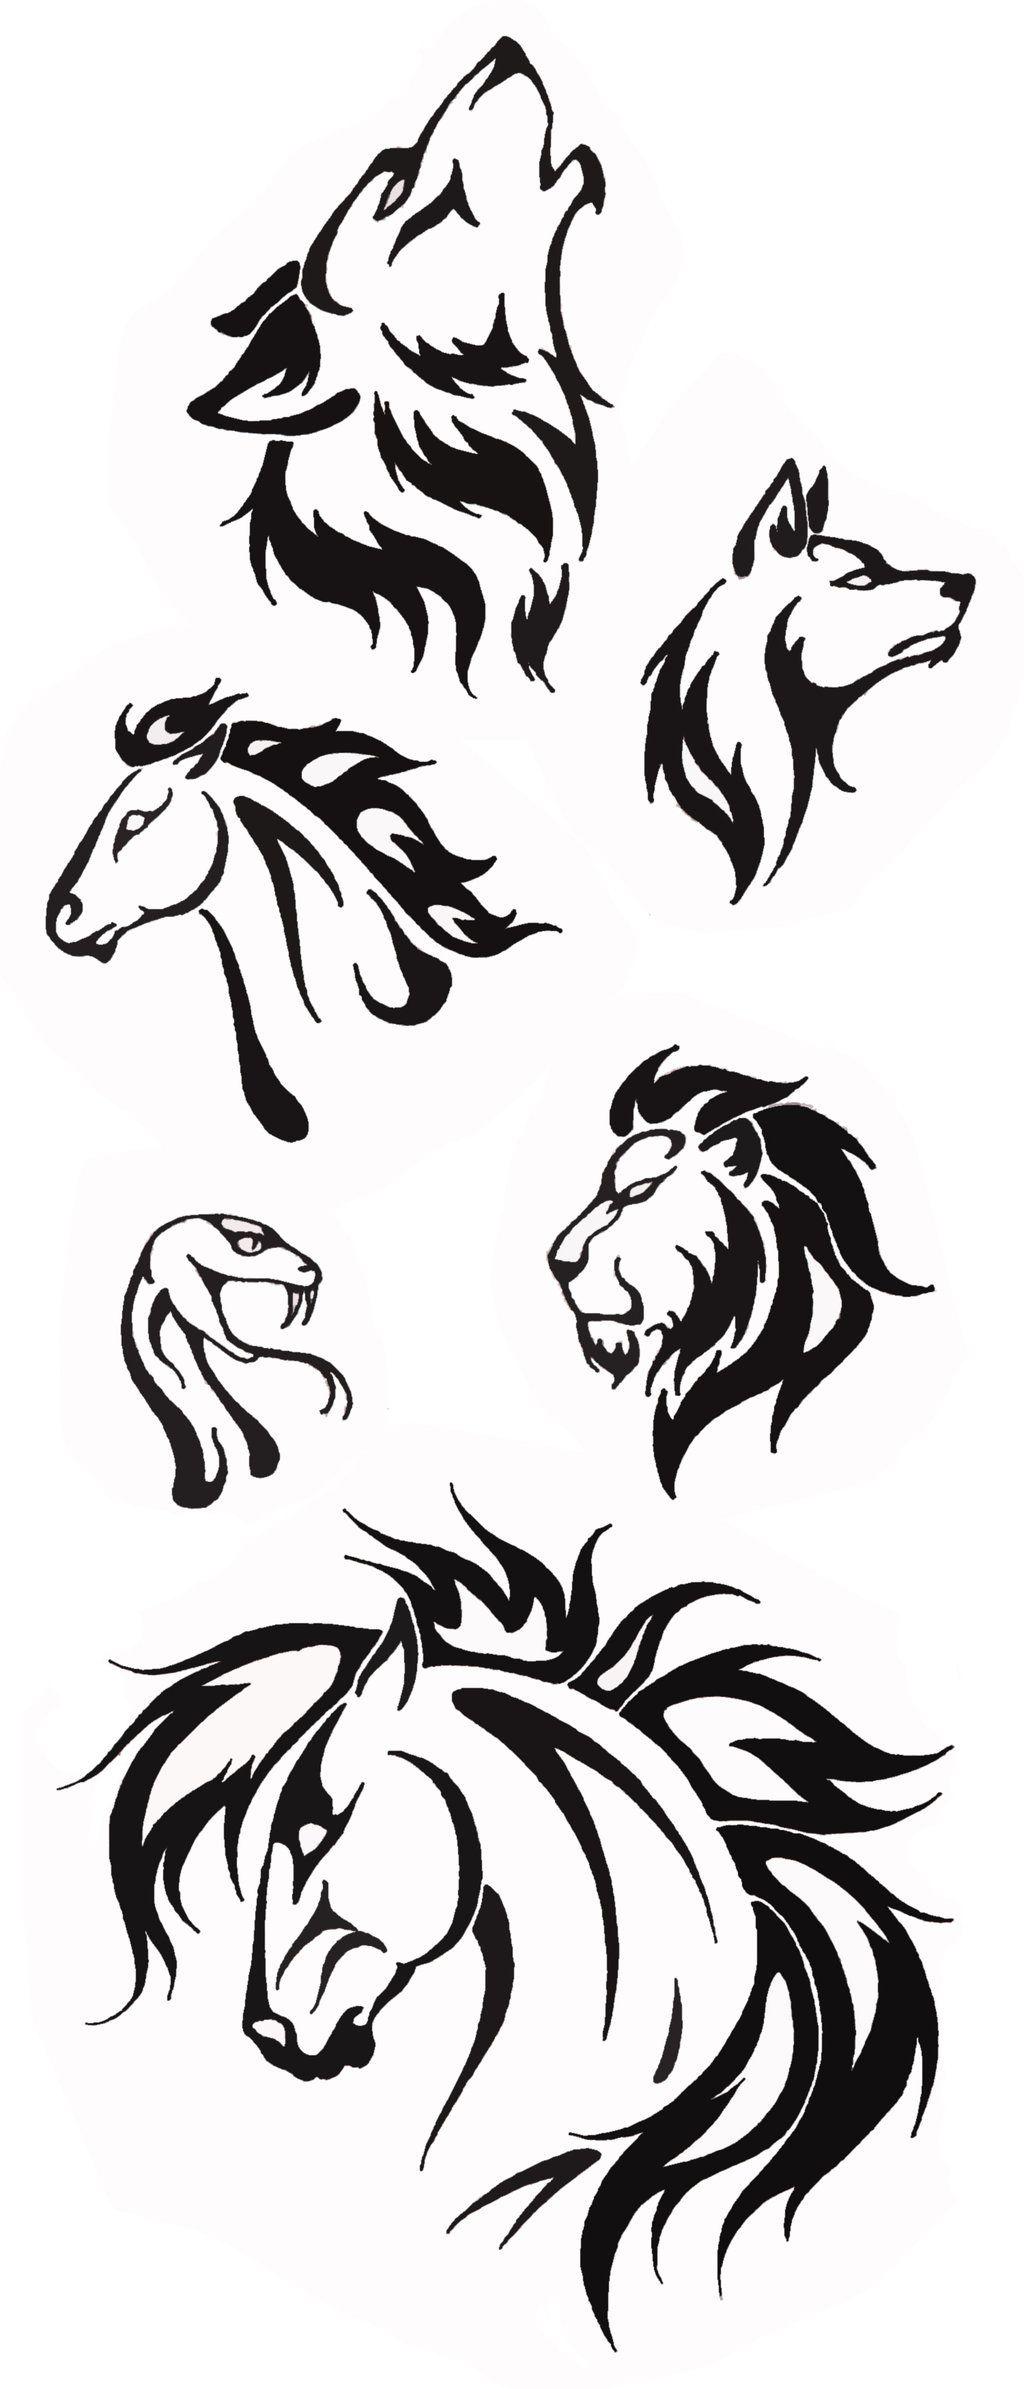 Simple Tribal Tiger Tattoo Designs Valoblogi Com